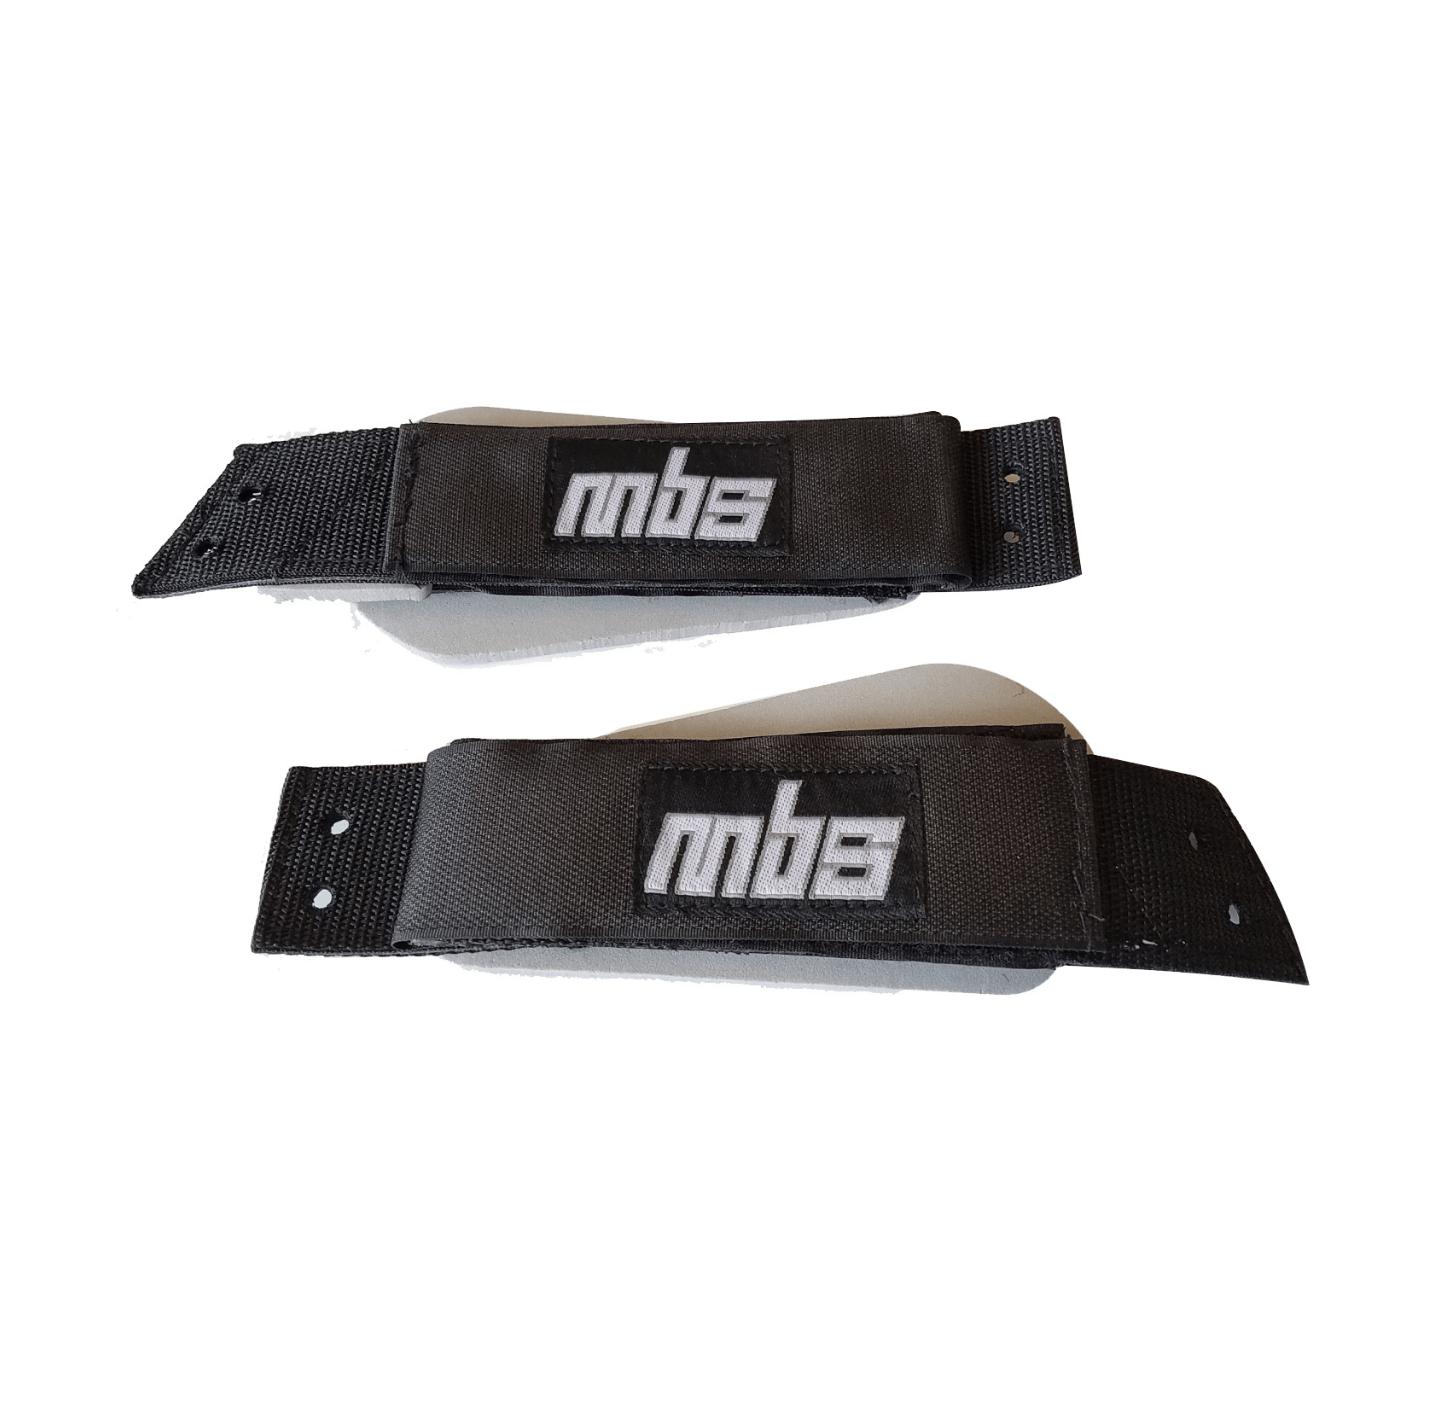 Image of MBS F1 Bindings (1 Pair)